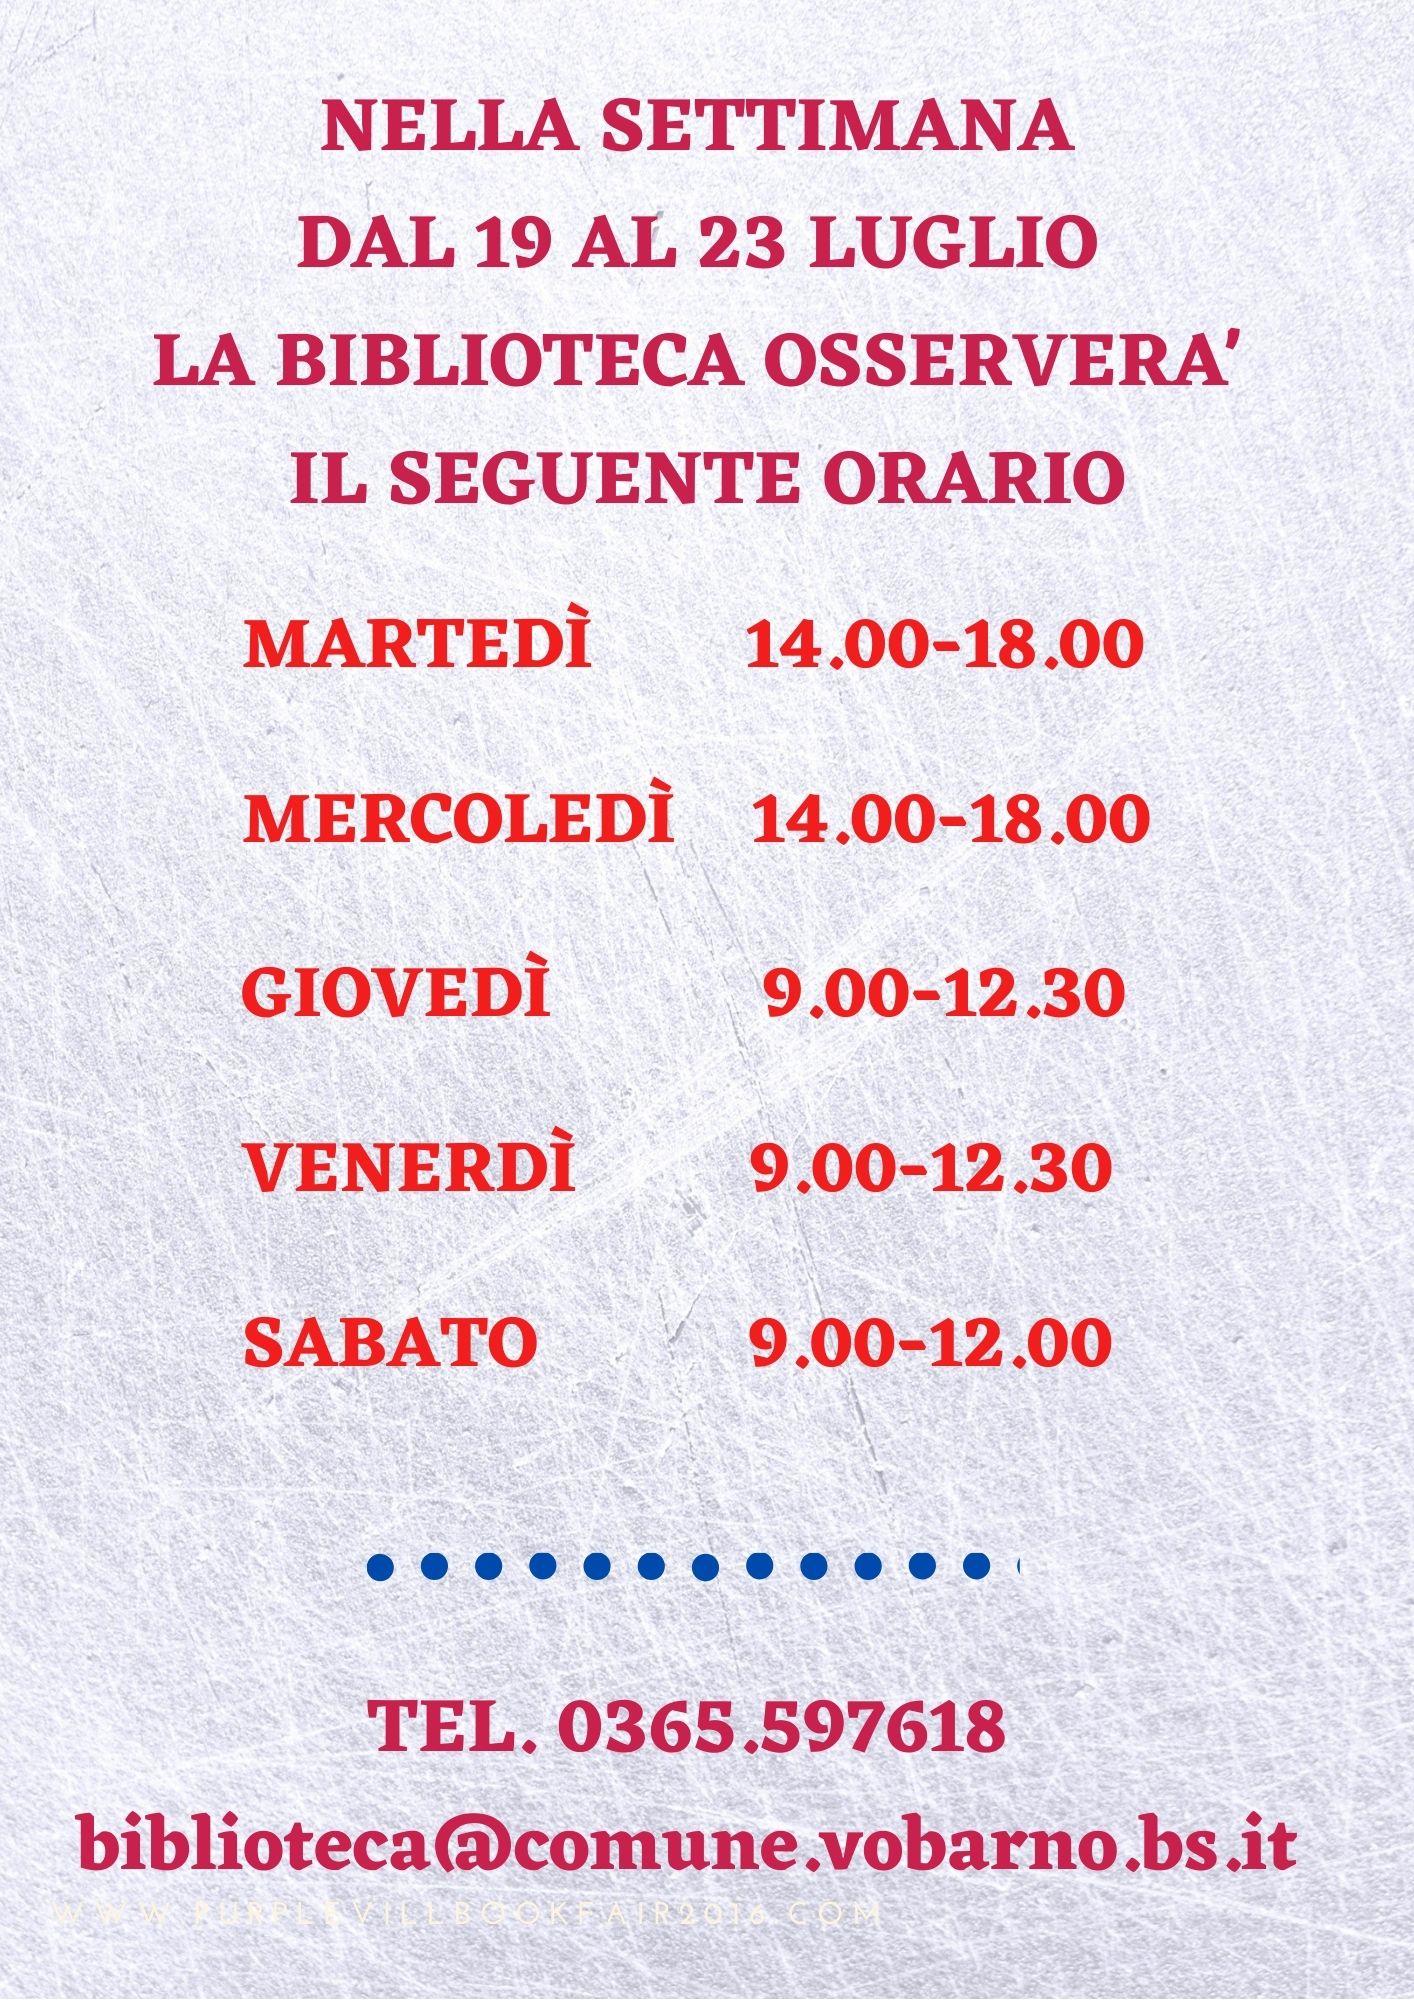 ORARIO RIDOTTO DELLA BIBLIOTECA COMUNALE DAL 19 AL 23 LUGLIO